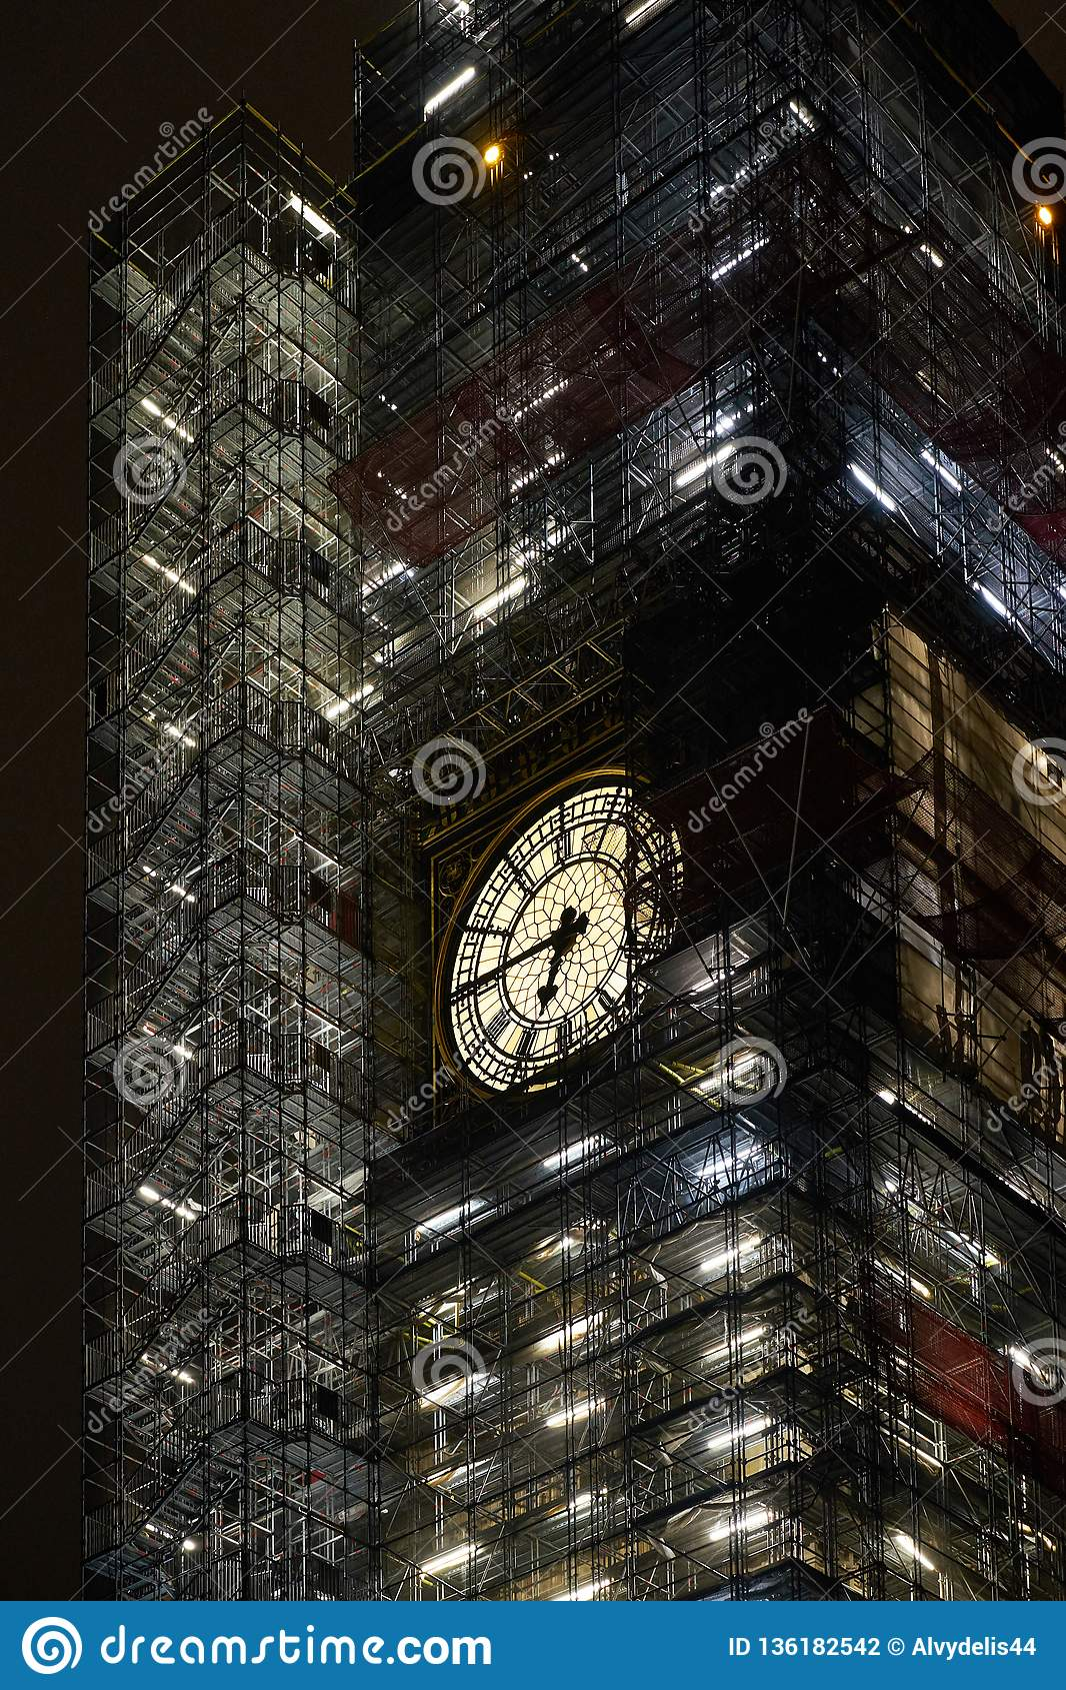 Big Ben Repair in London